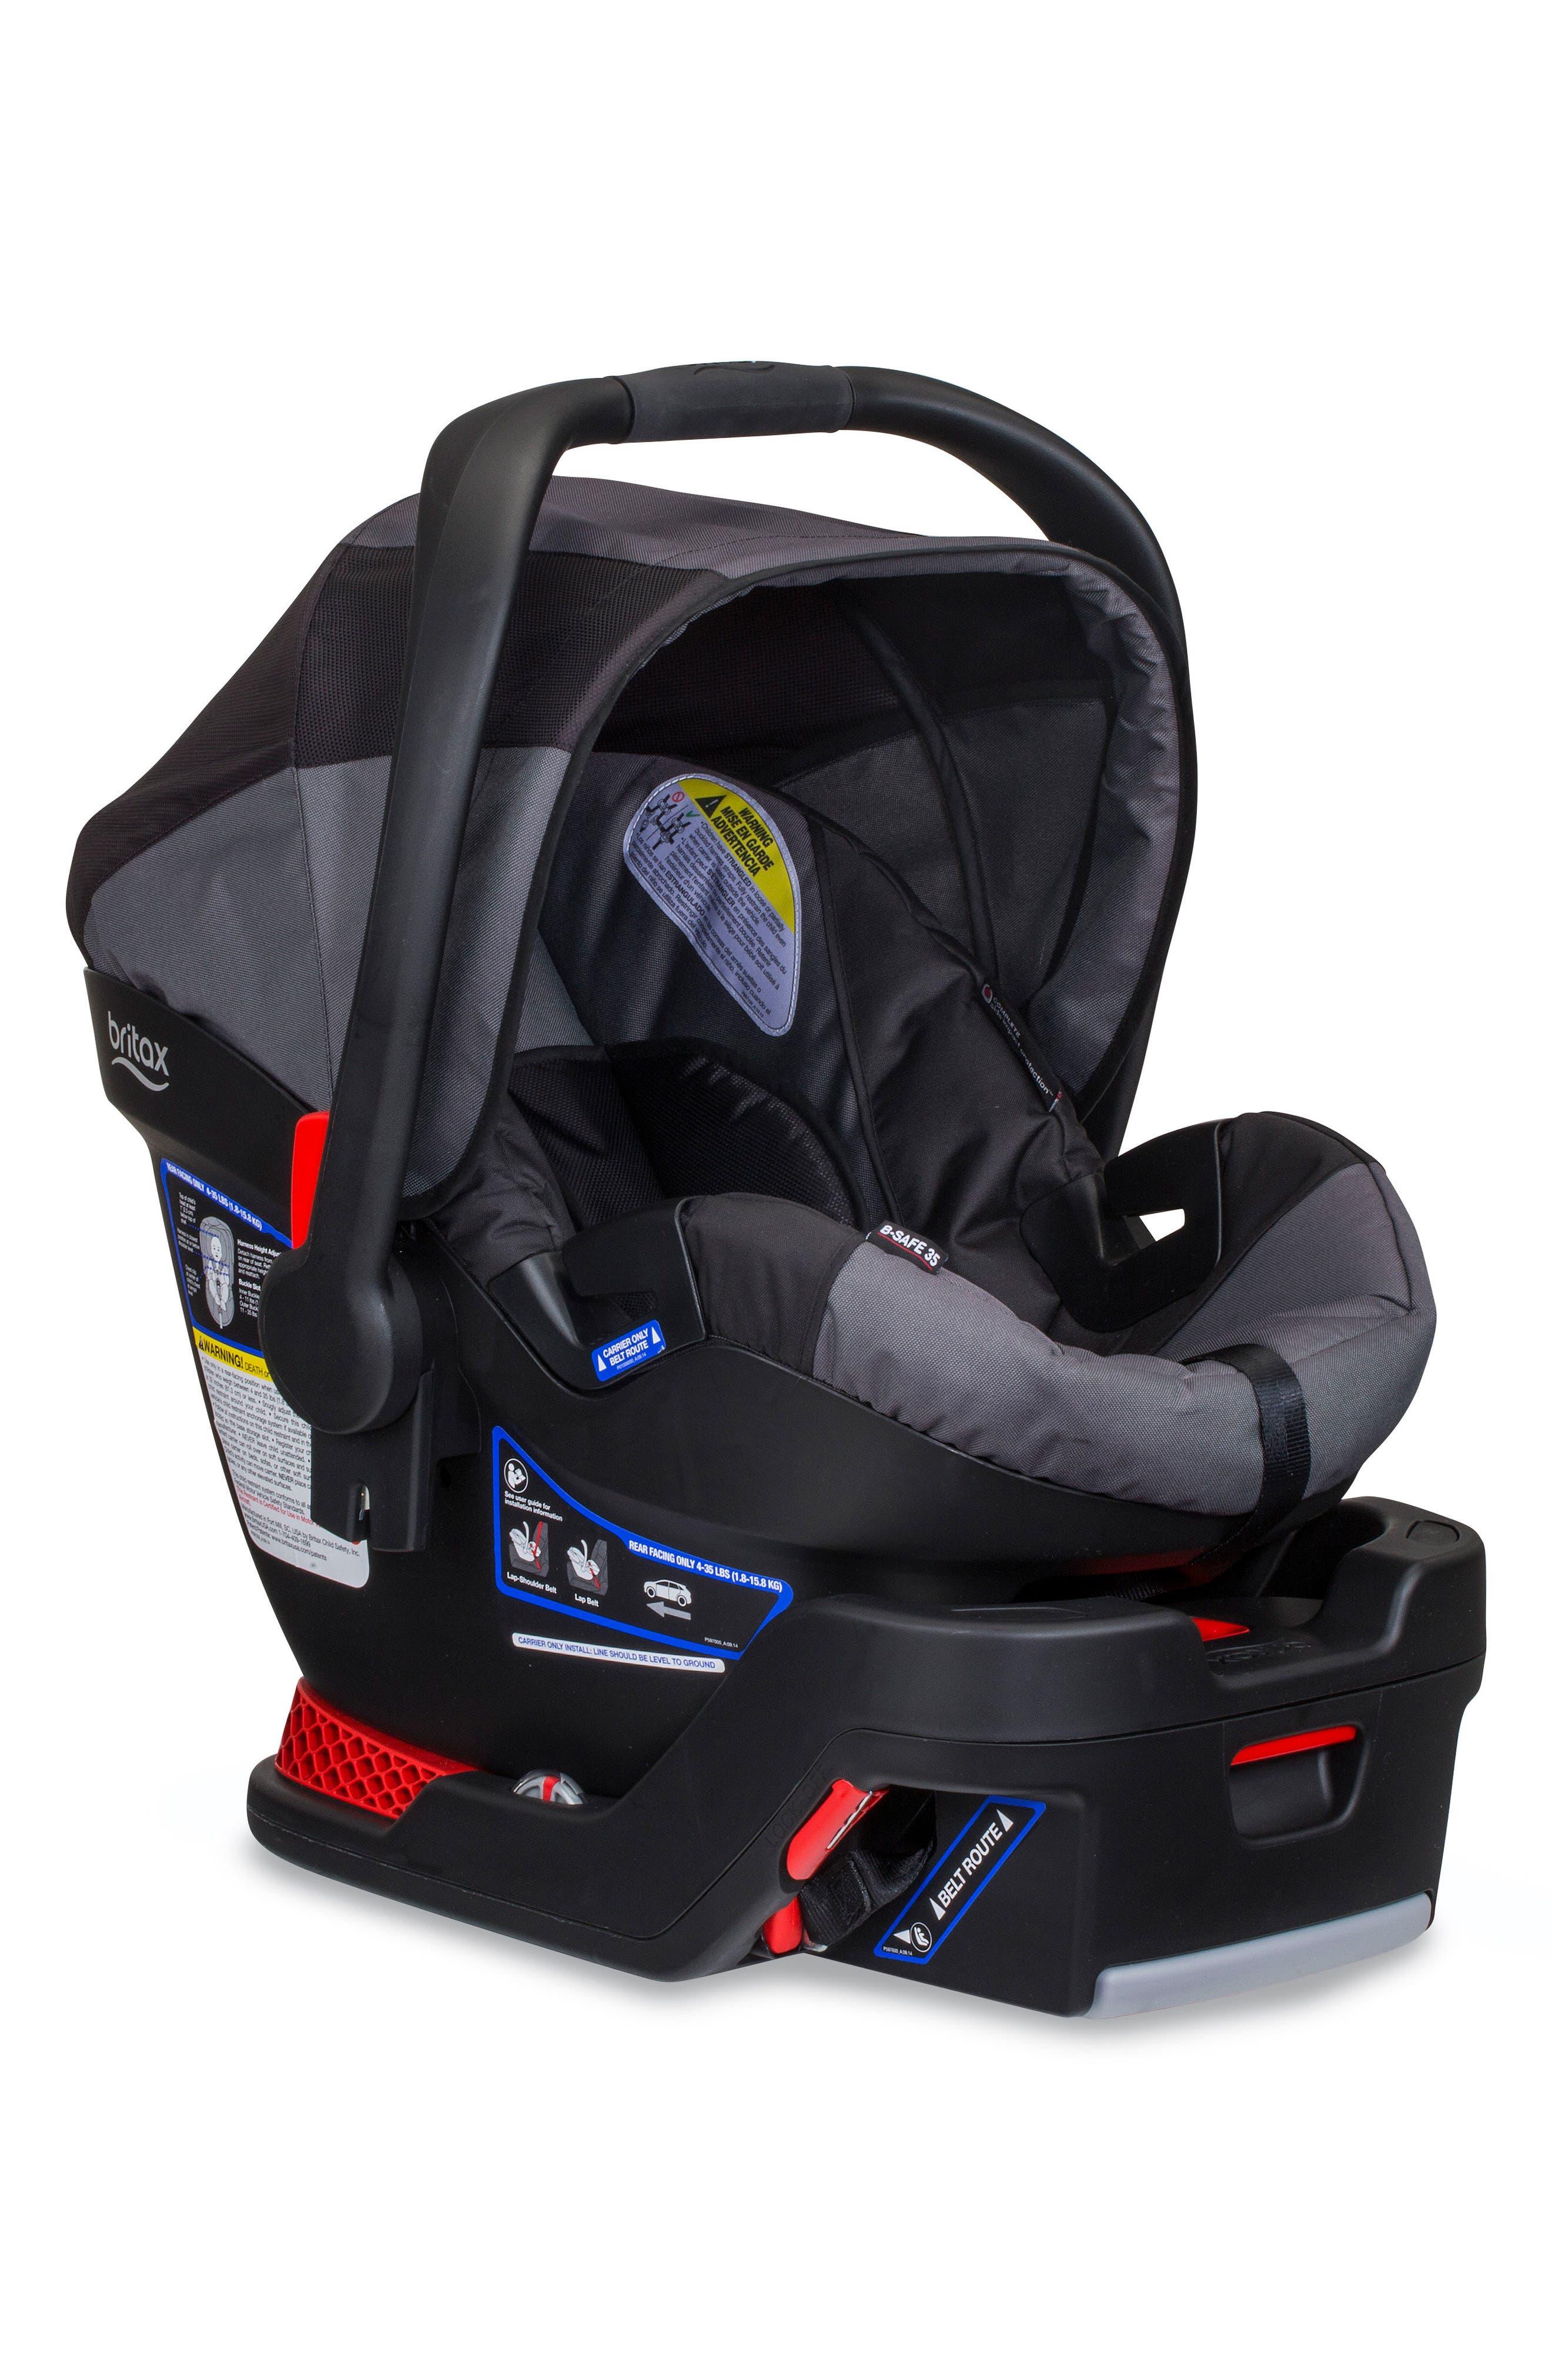 Infant Bob BSafe 35 By Britax Infant Car Seat  Base